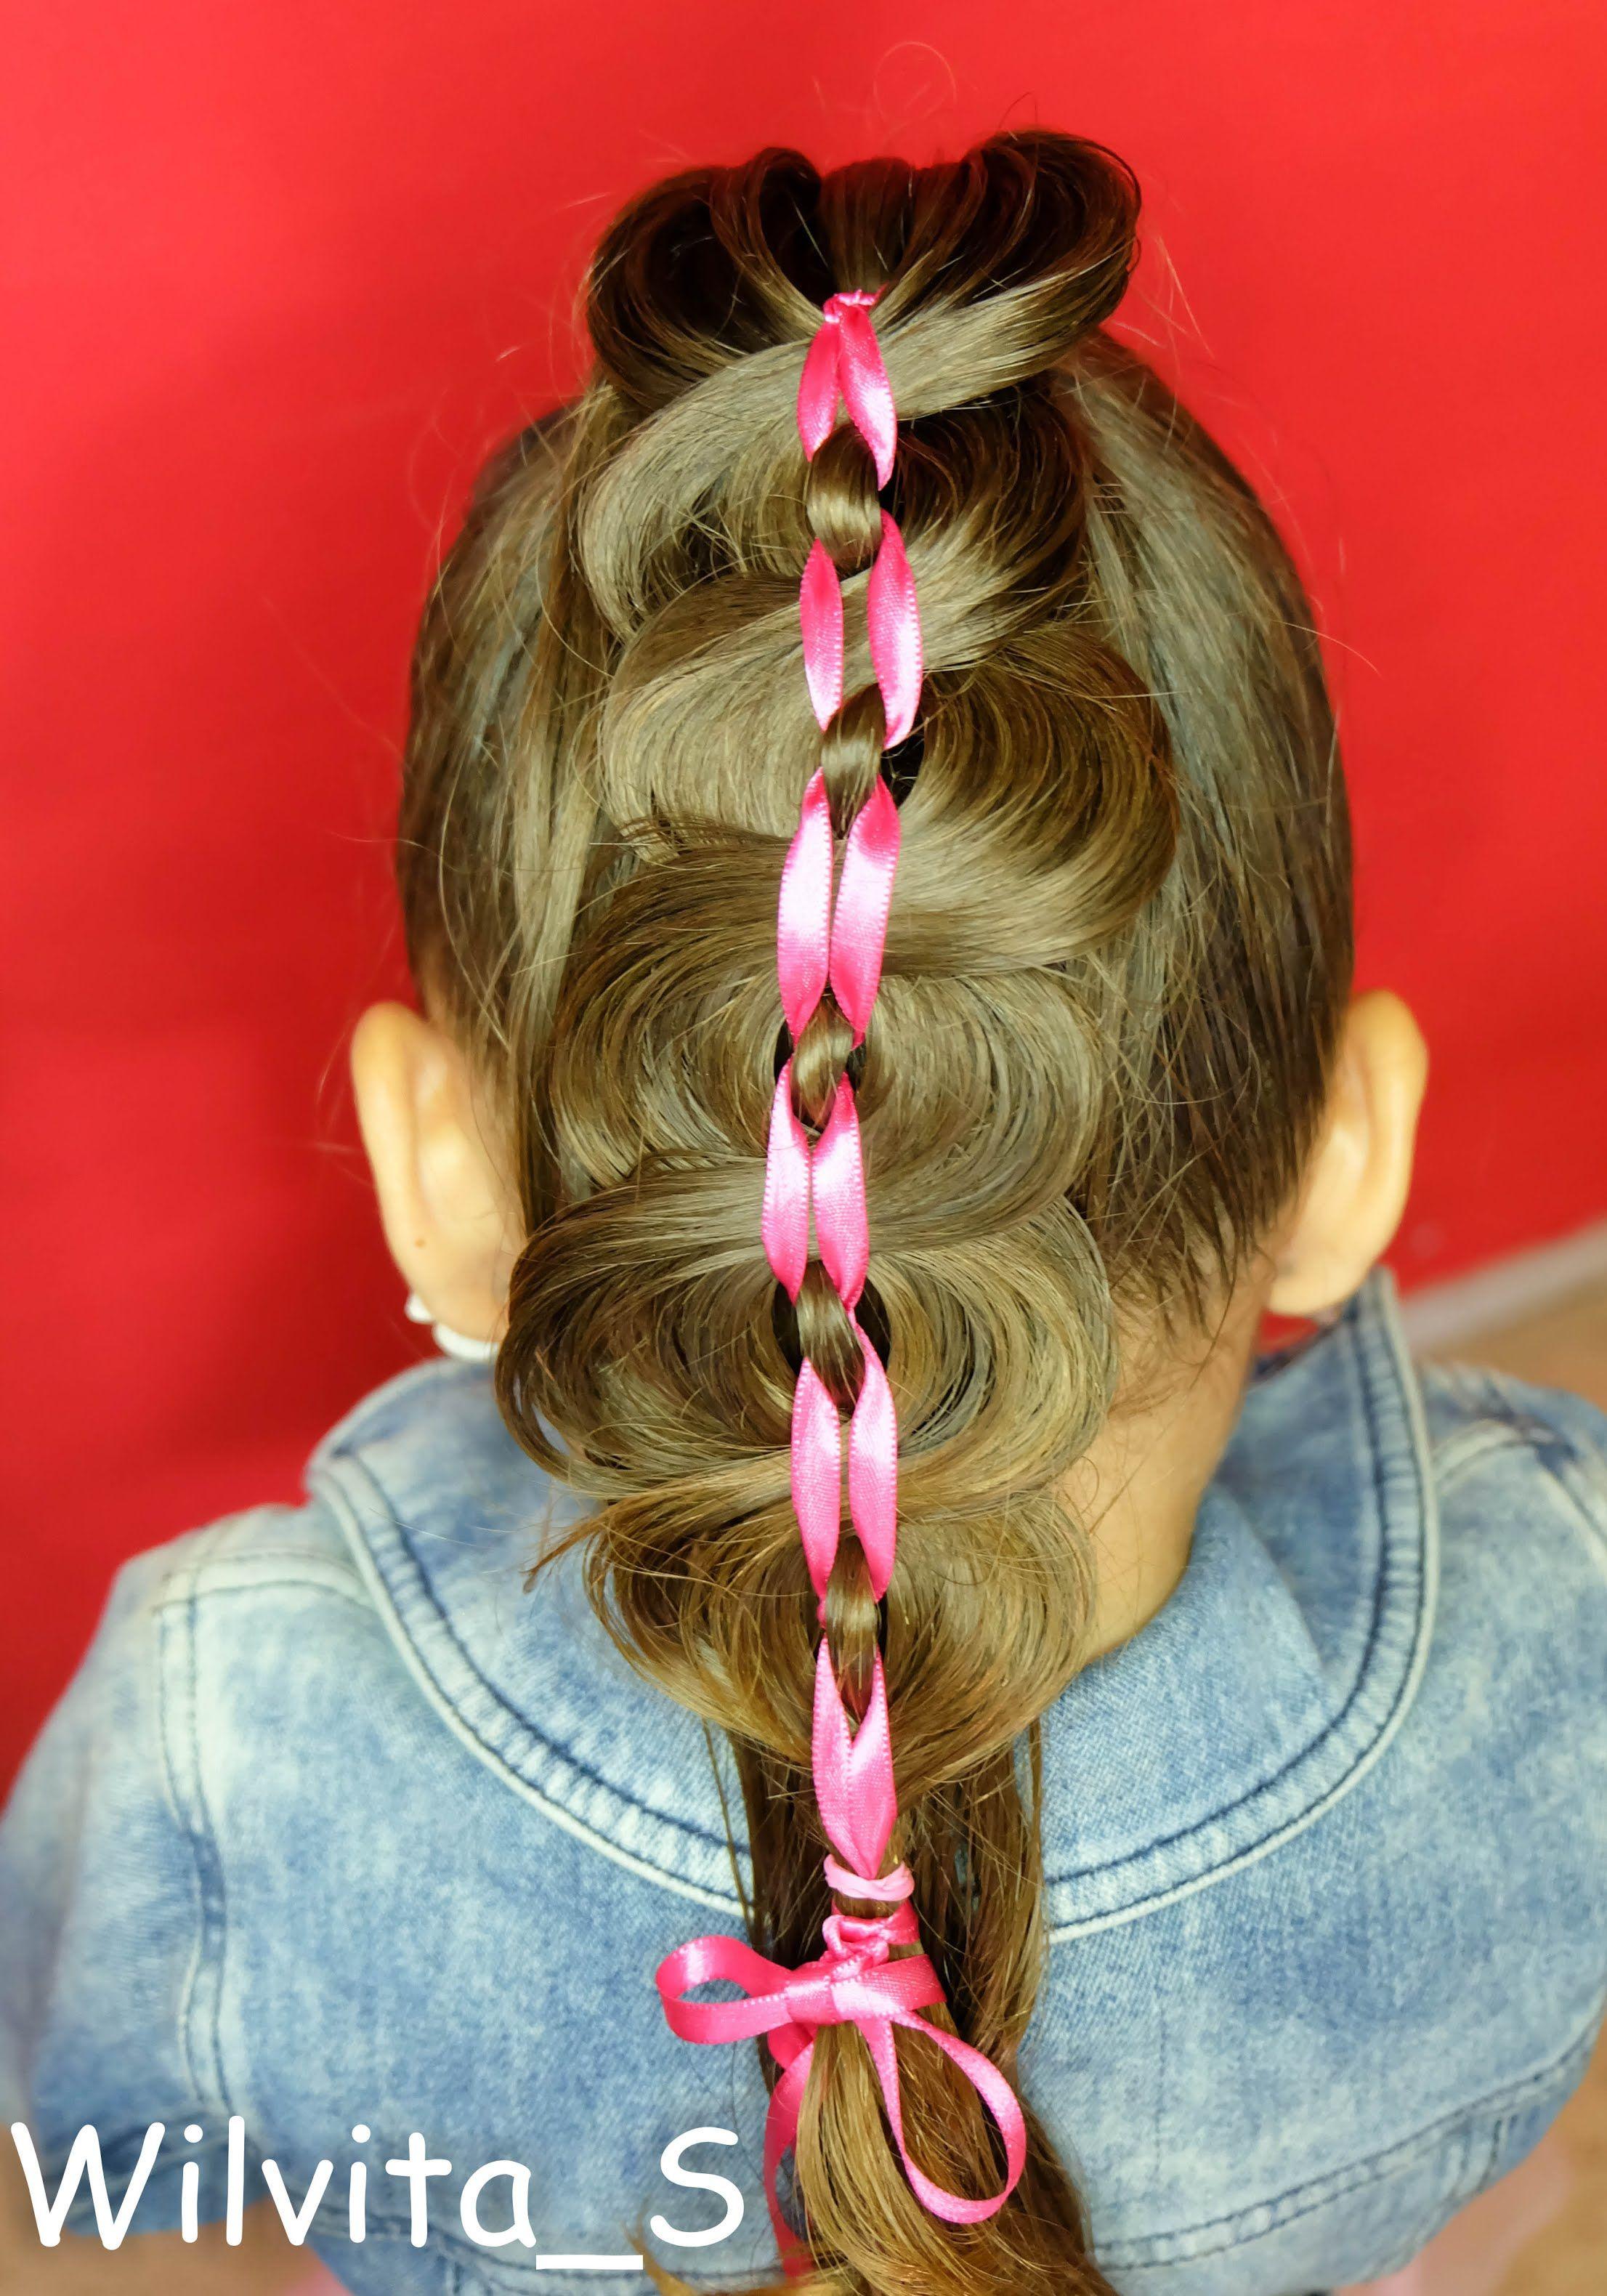 Peinado con listón para niña fácil easy harstyle for girls